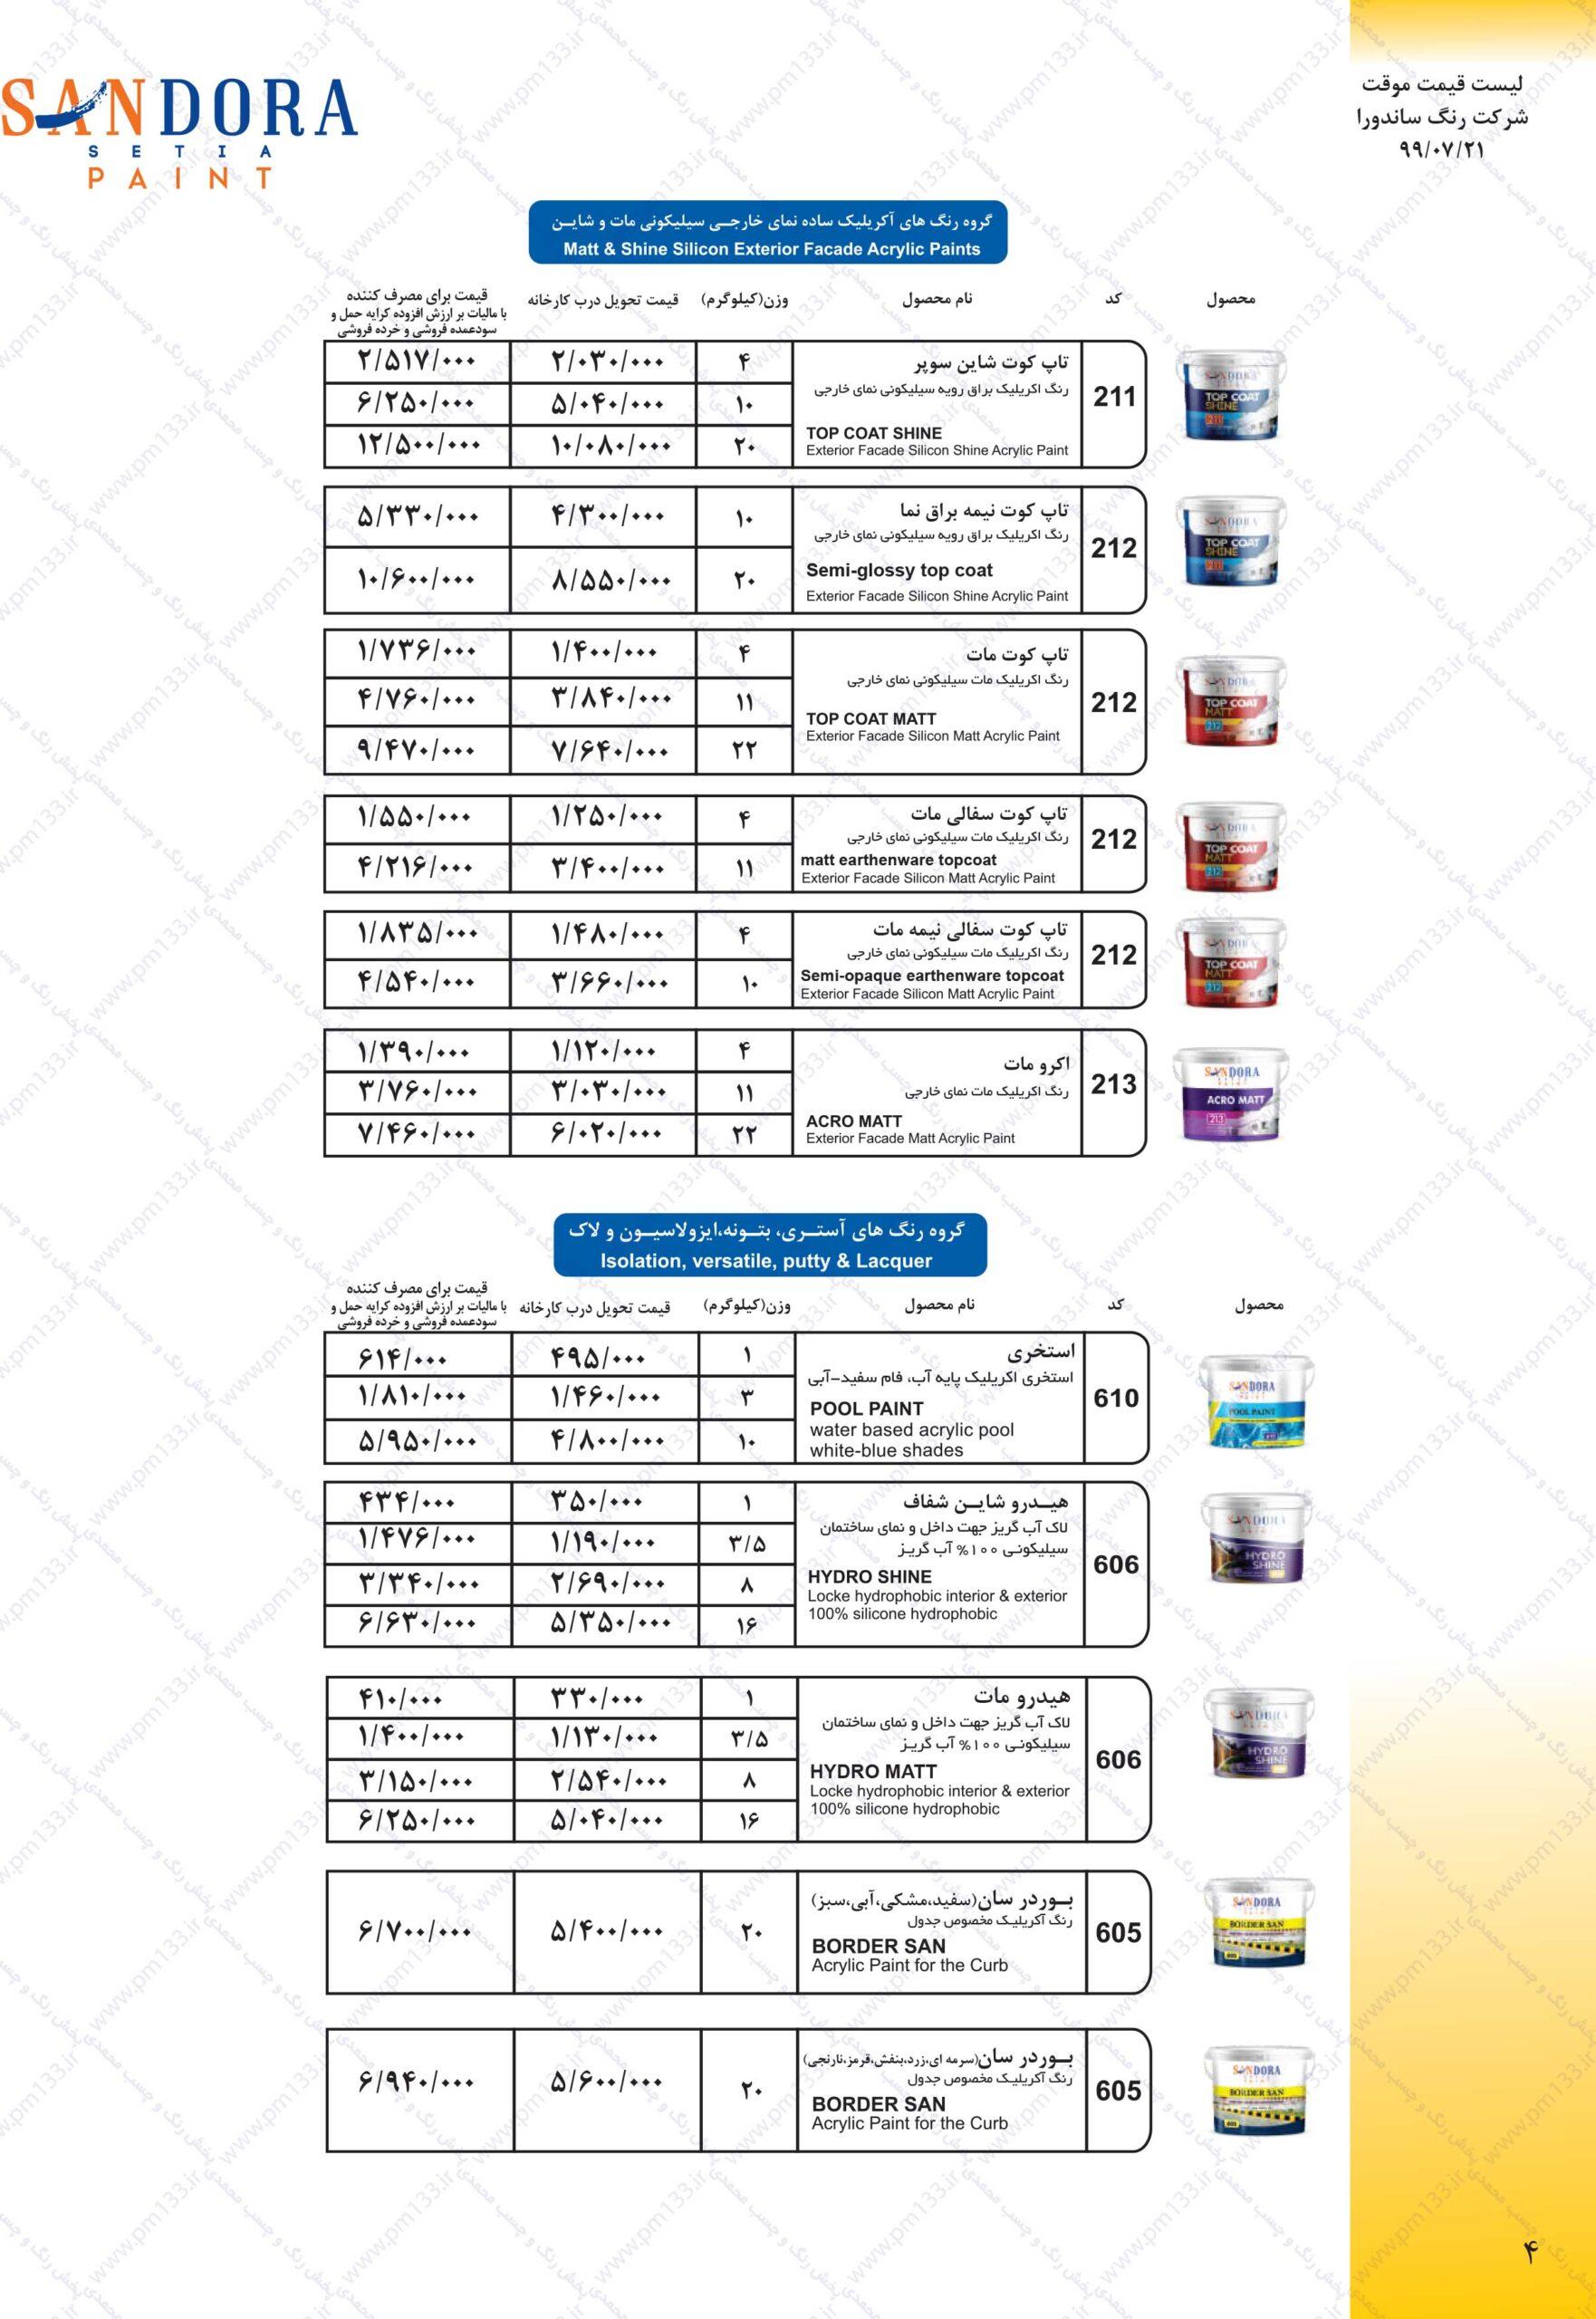 ساندورا لیست قیمت رنگ ساندورا21-07-99 صفحه چهارم